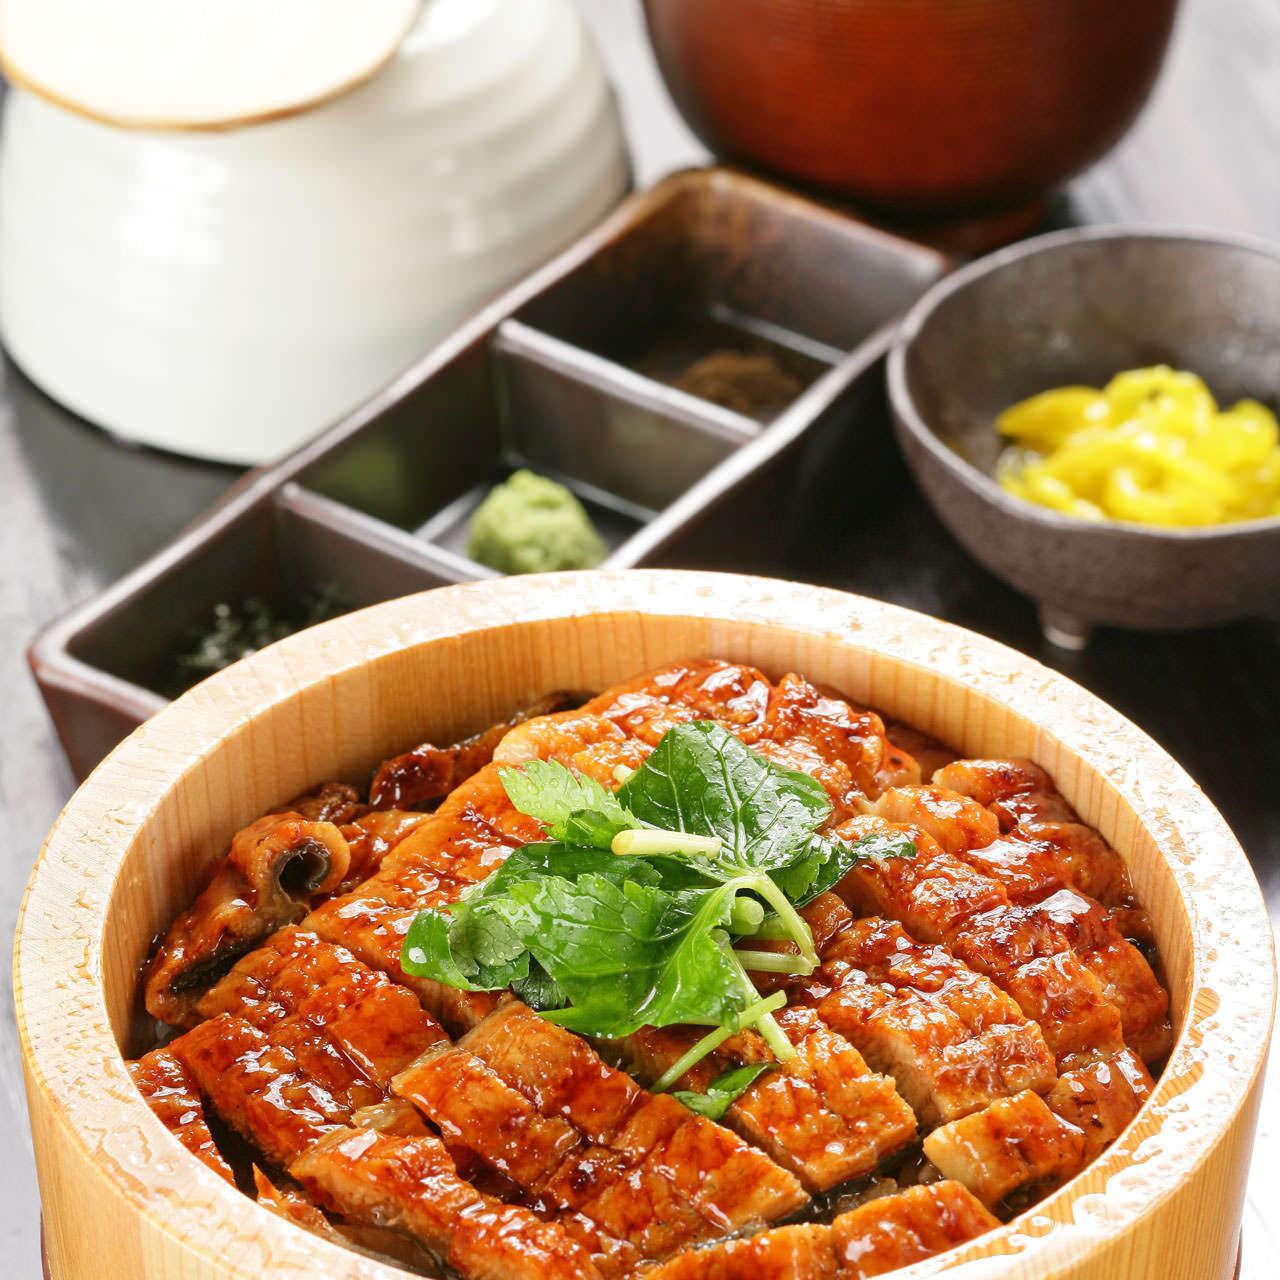 愛知県三河一色産 鰻のひつまぶし